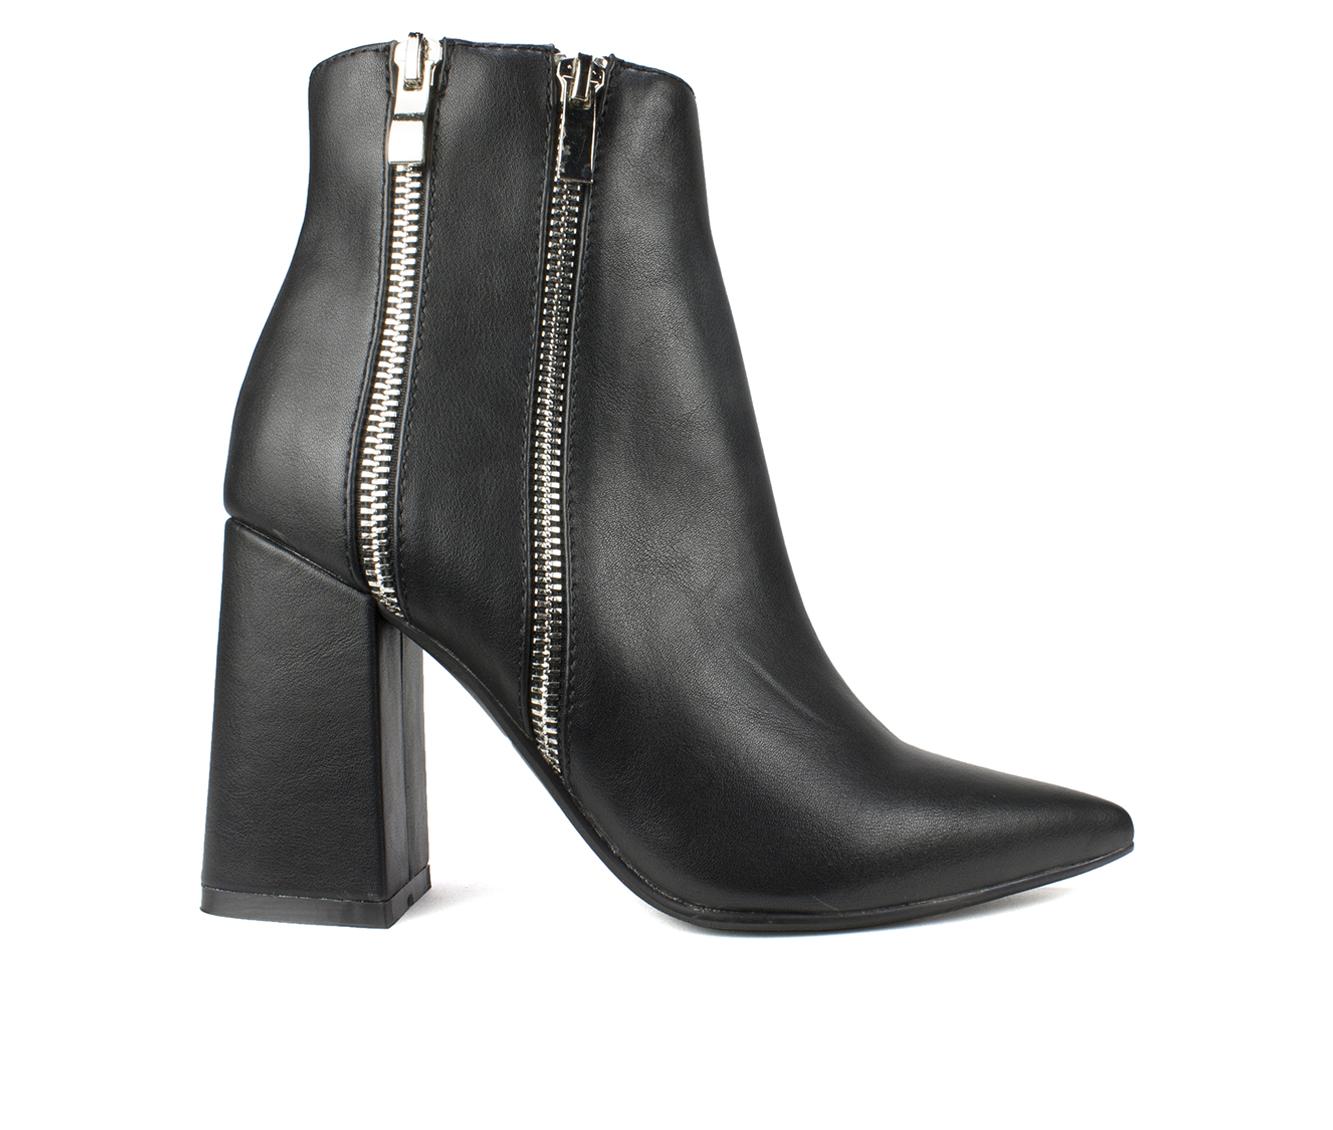 Seven Dials Fionah Women's Boots (Black - Faux Leather)